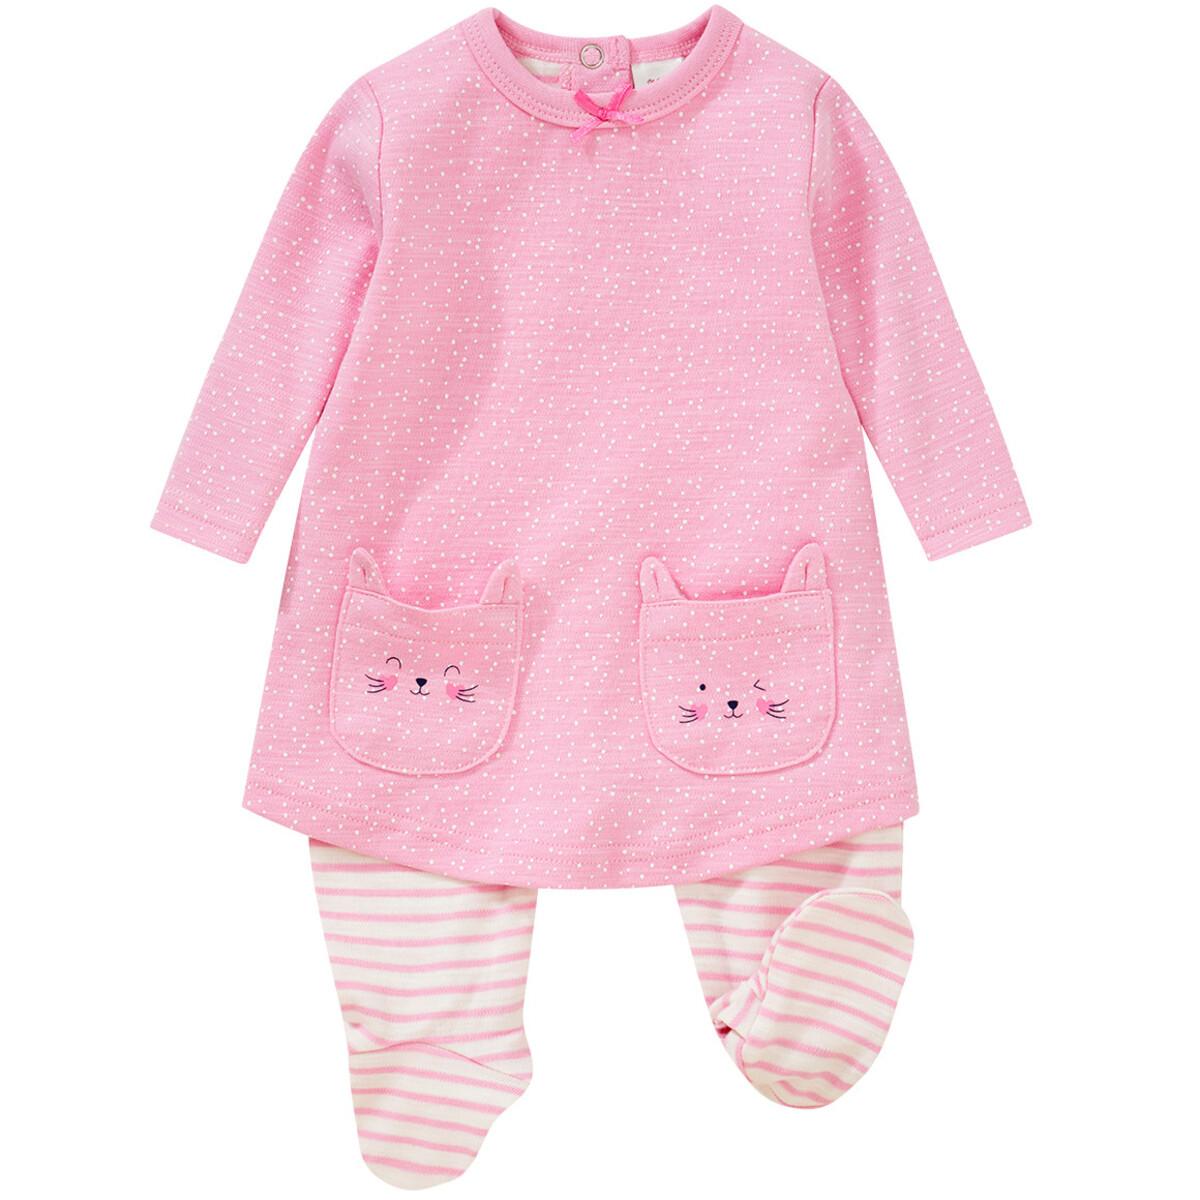 Bild 1 von Newborn Stramplerkleid mit Katzentaschen